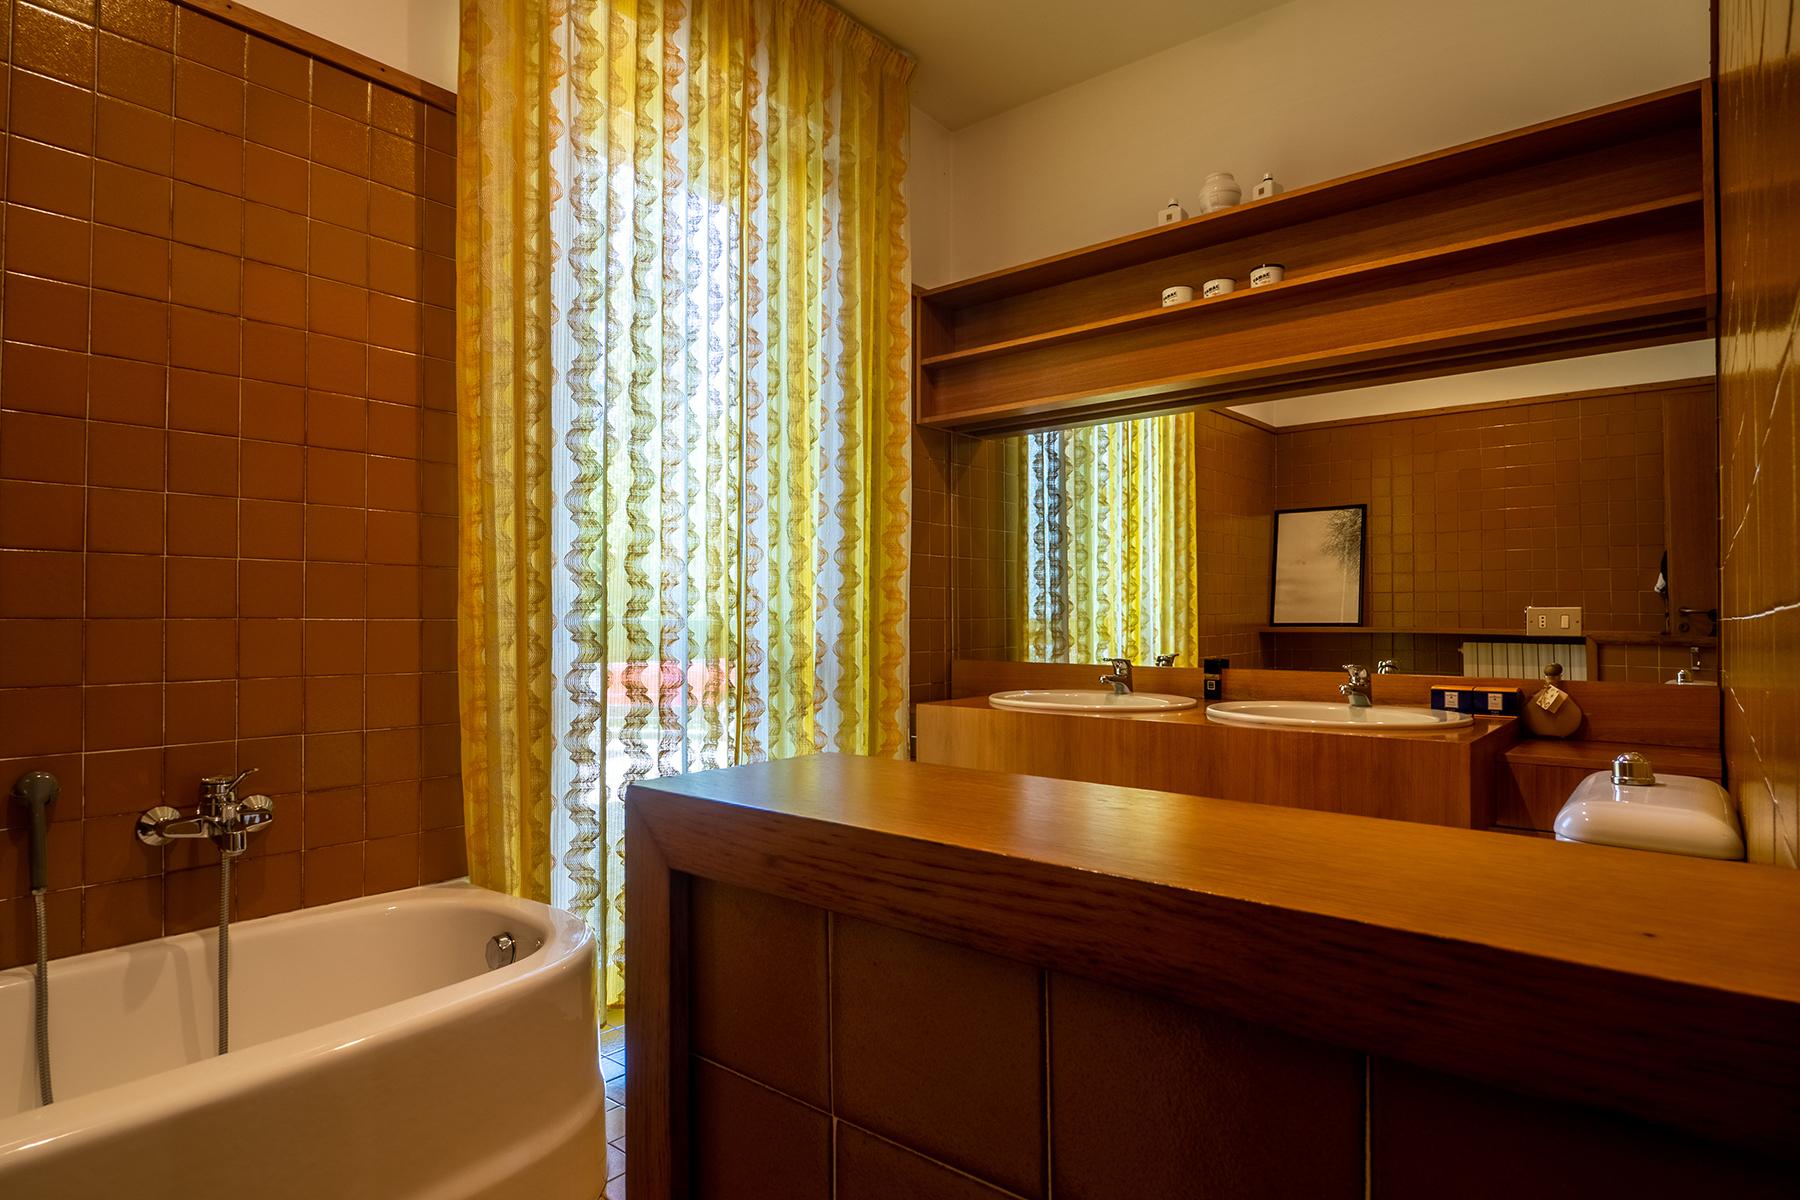 Casa indipendente in Vendita a Rosignano Monferrato: 5 locali, 290 mq - Foto 26